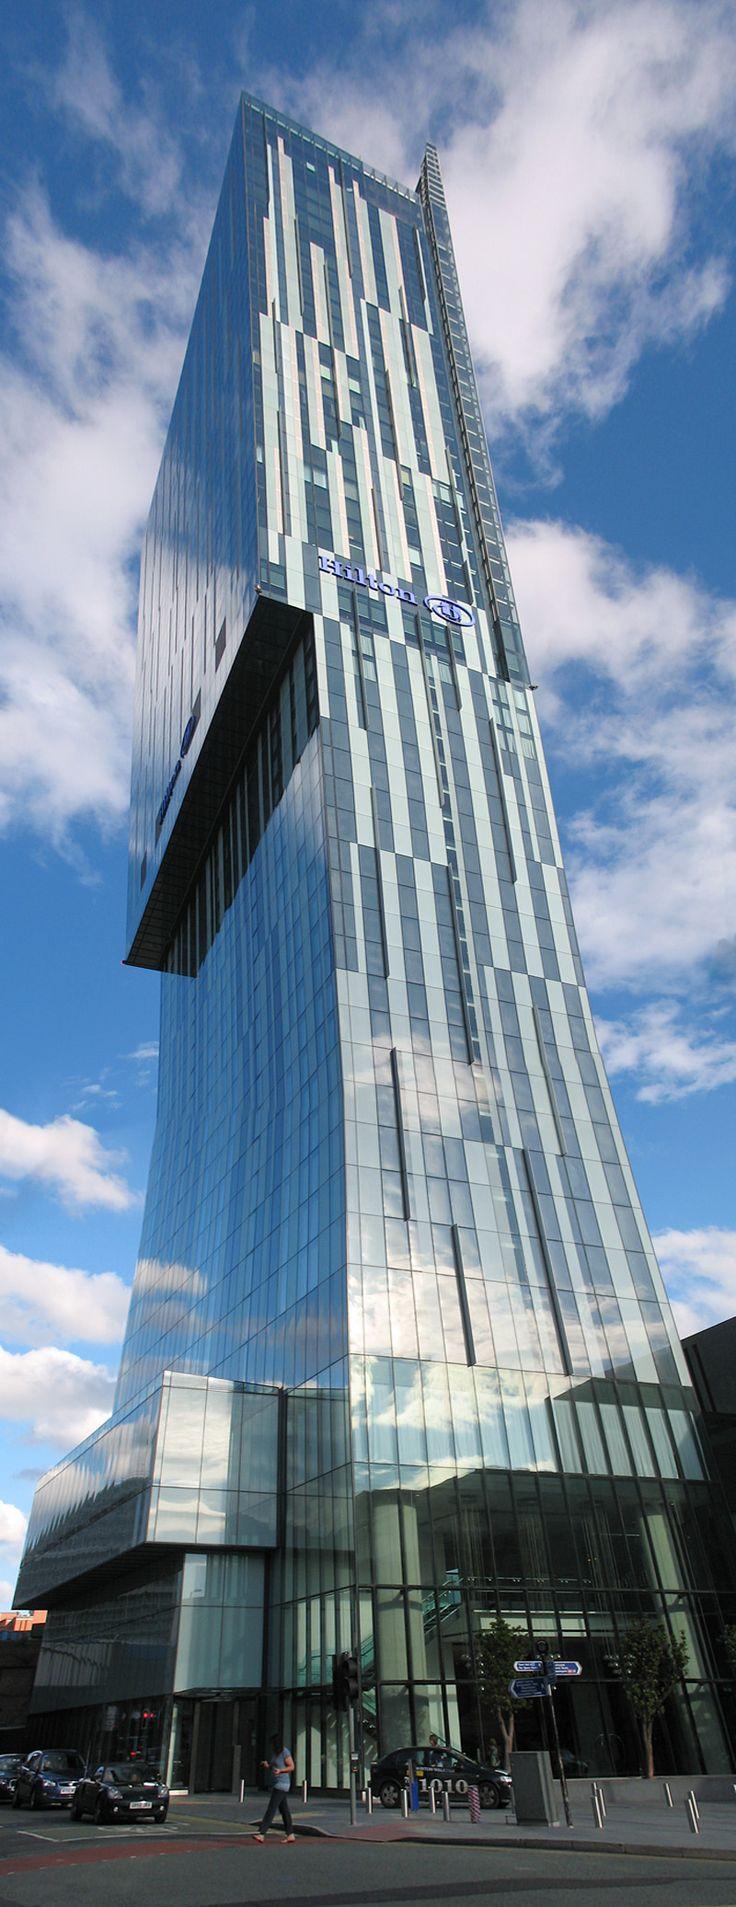 Hotels Around Manchester